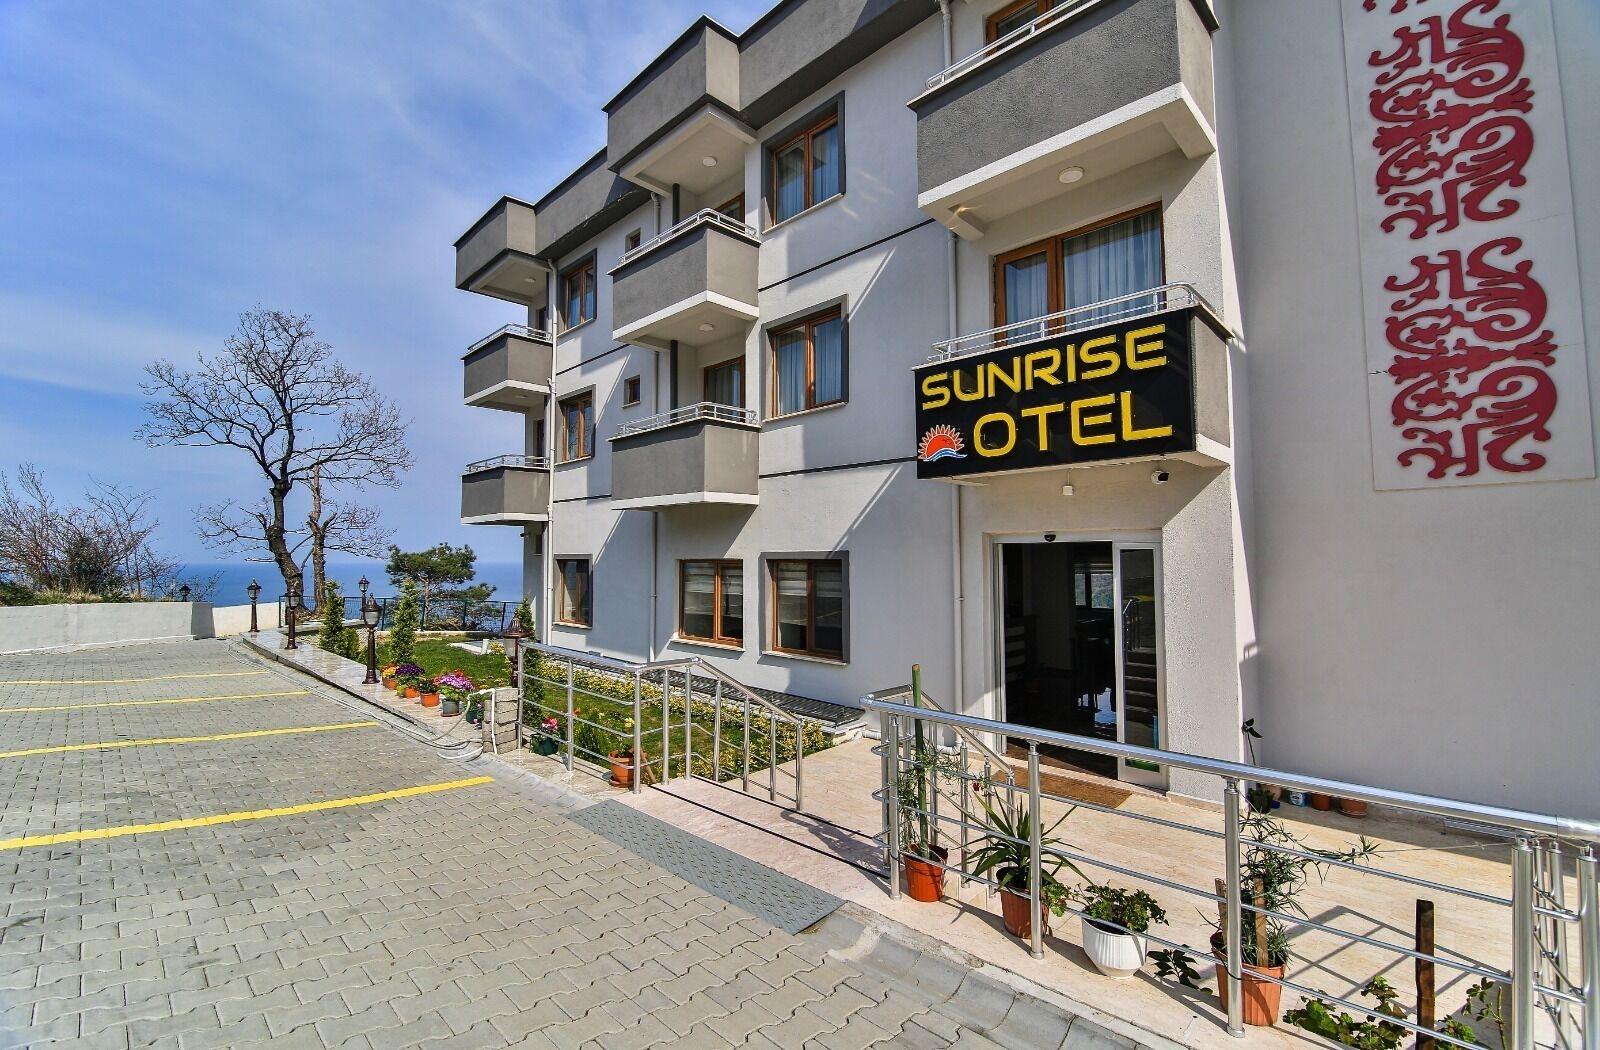 Amasra Sunrise Otel, Amasra